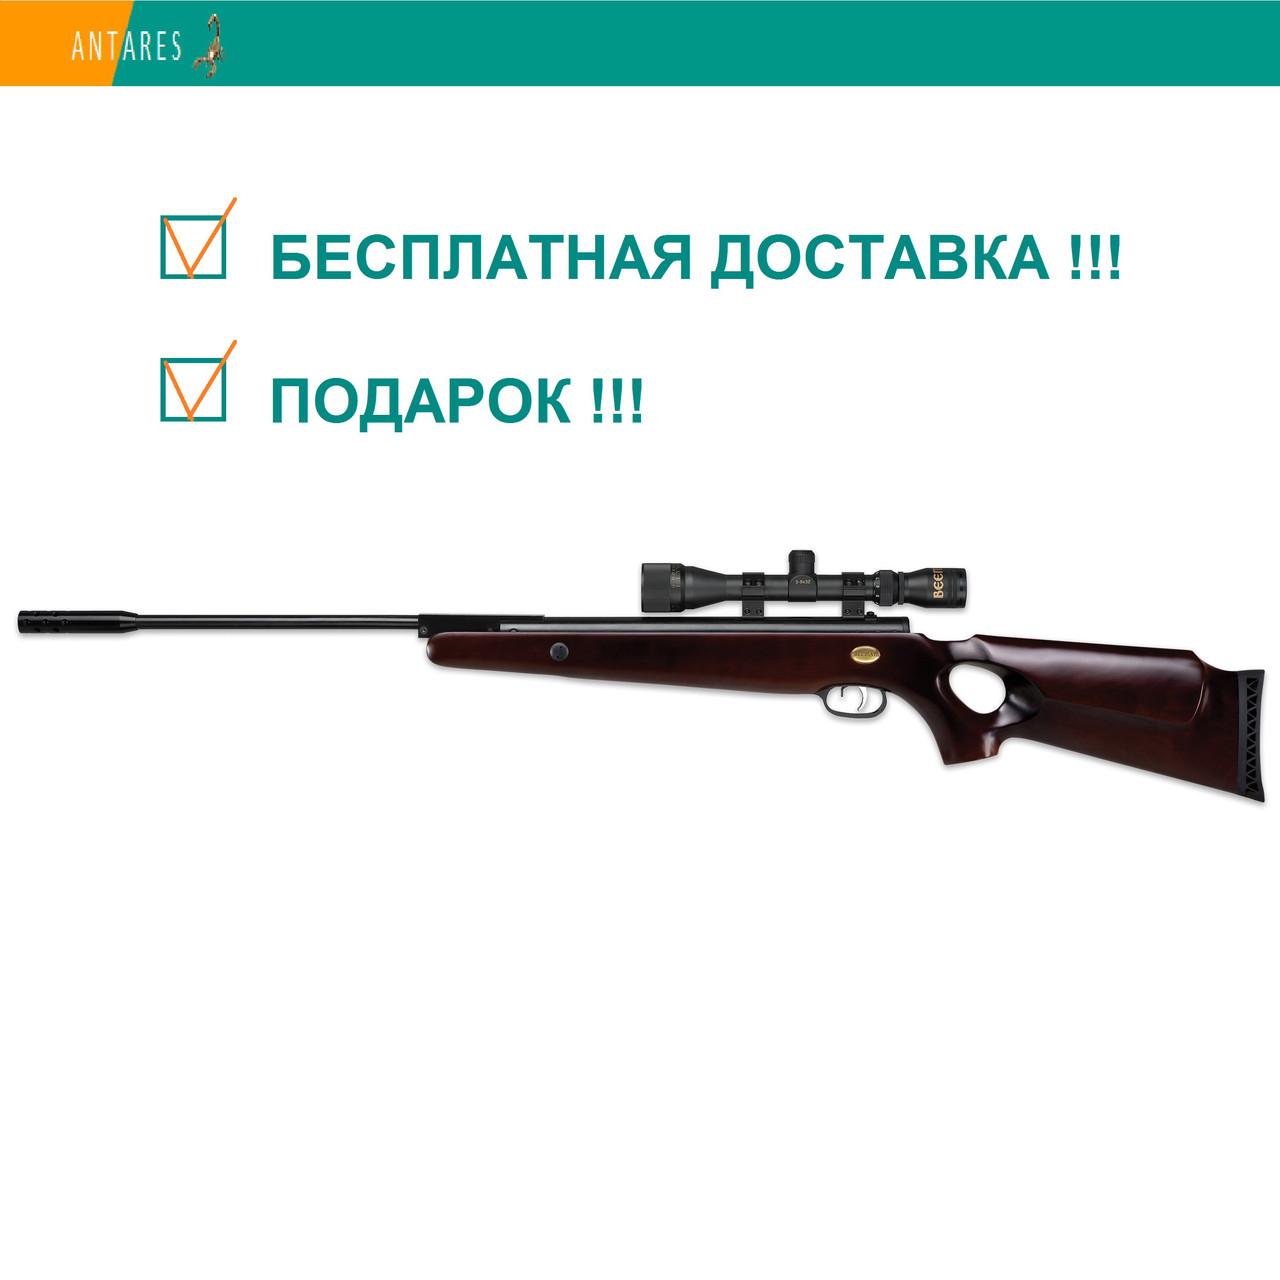 Пневматическая винтовка Beeman Bear Claw X2 с оптическим прицелом 3-9х32 (1192) дерево перелом ствола 330 м/с